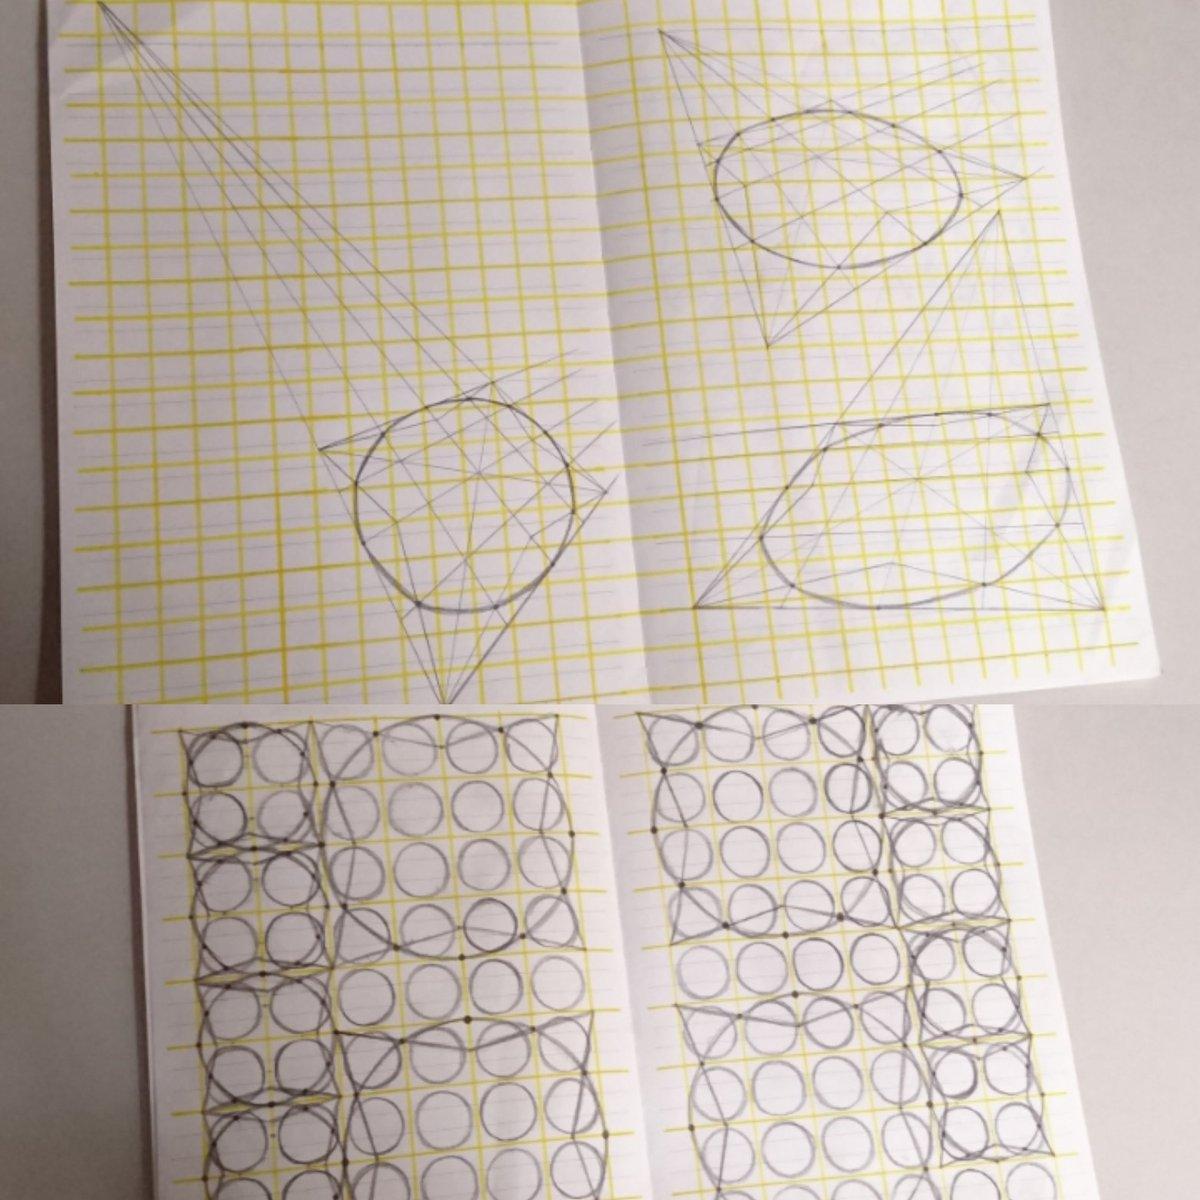 #5分だけ描く 円と線の練習 正方形の枠の中なら歪まず描けるとおもったらそうでもなかった 線をひく前の状態ごまbotみたい